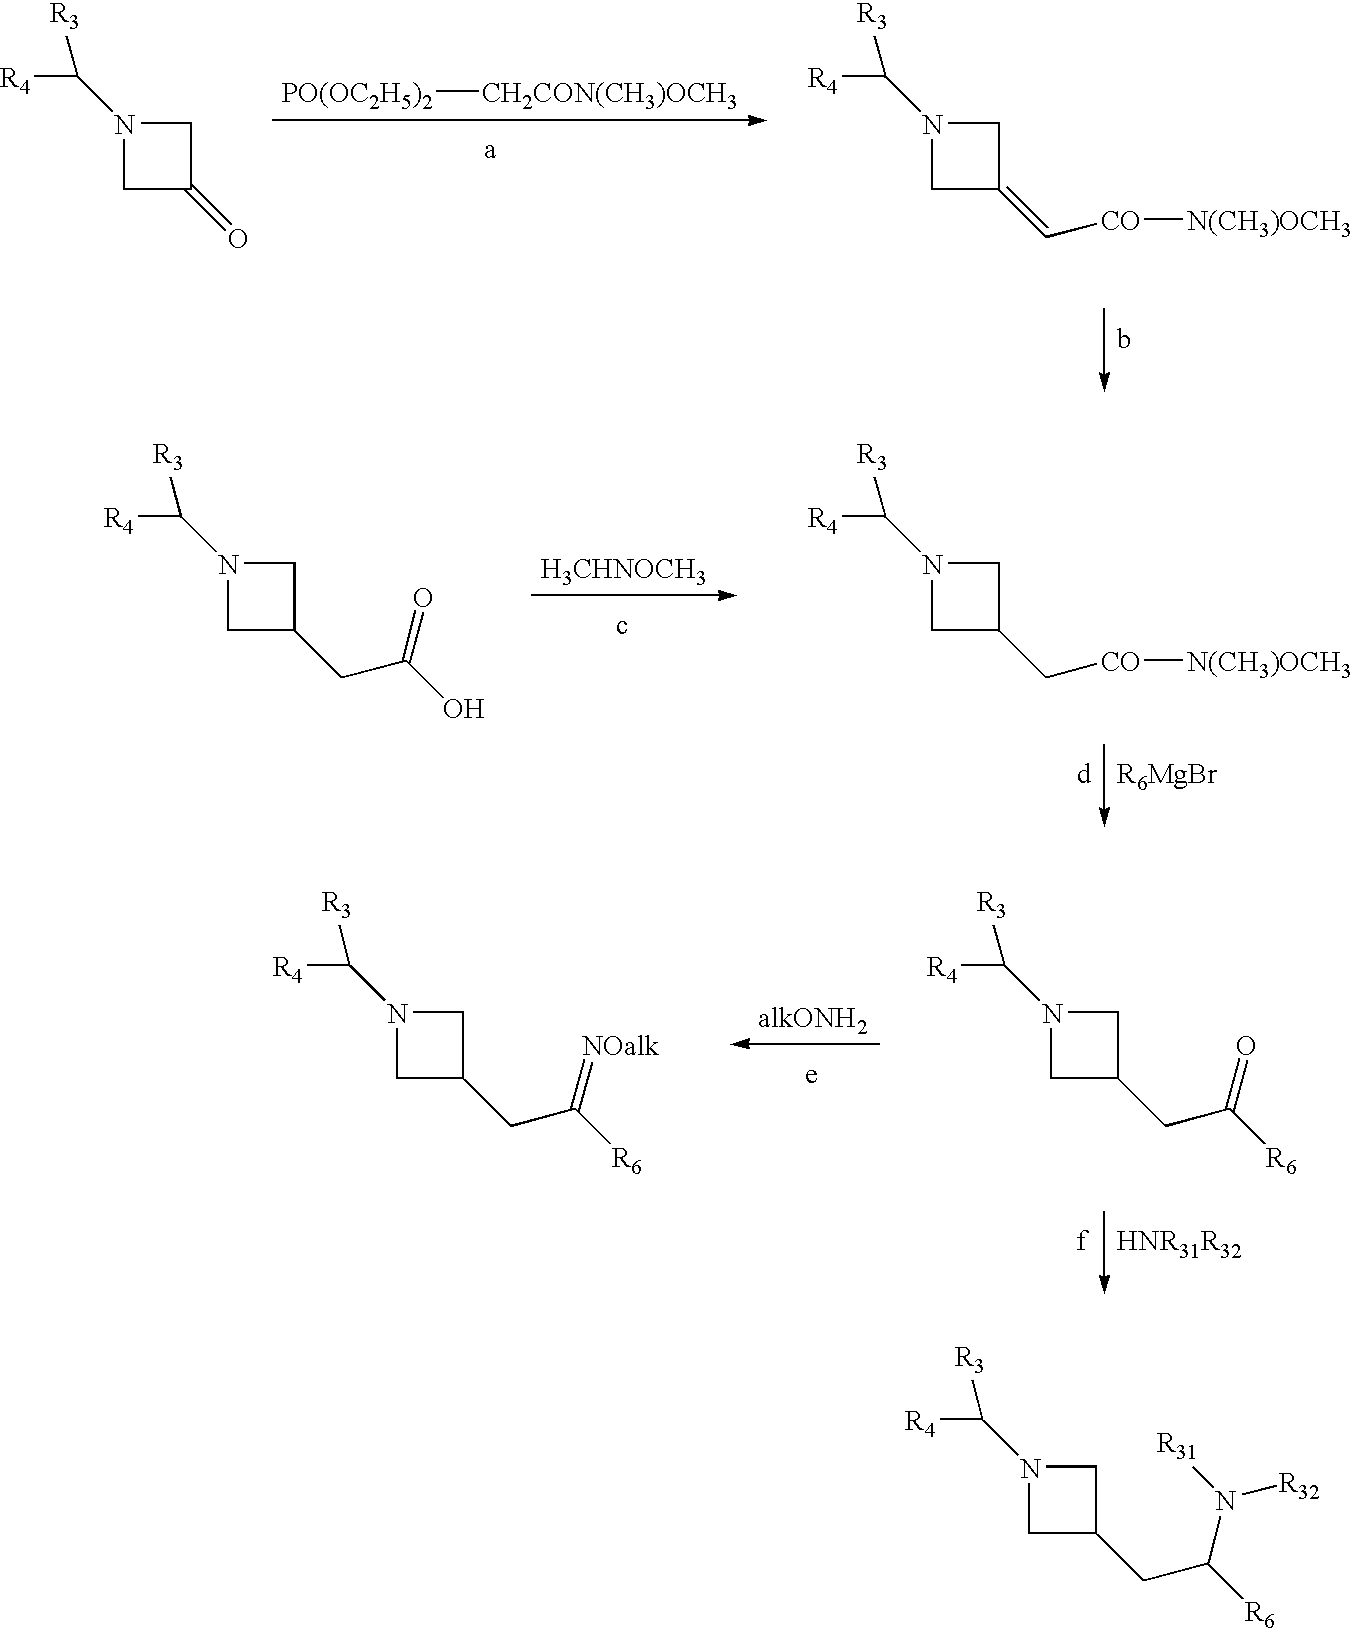 Figure US20040209861A1-20041021-C00016